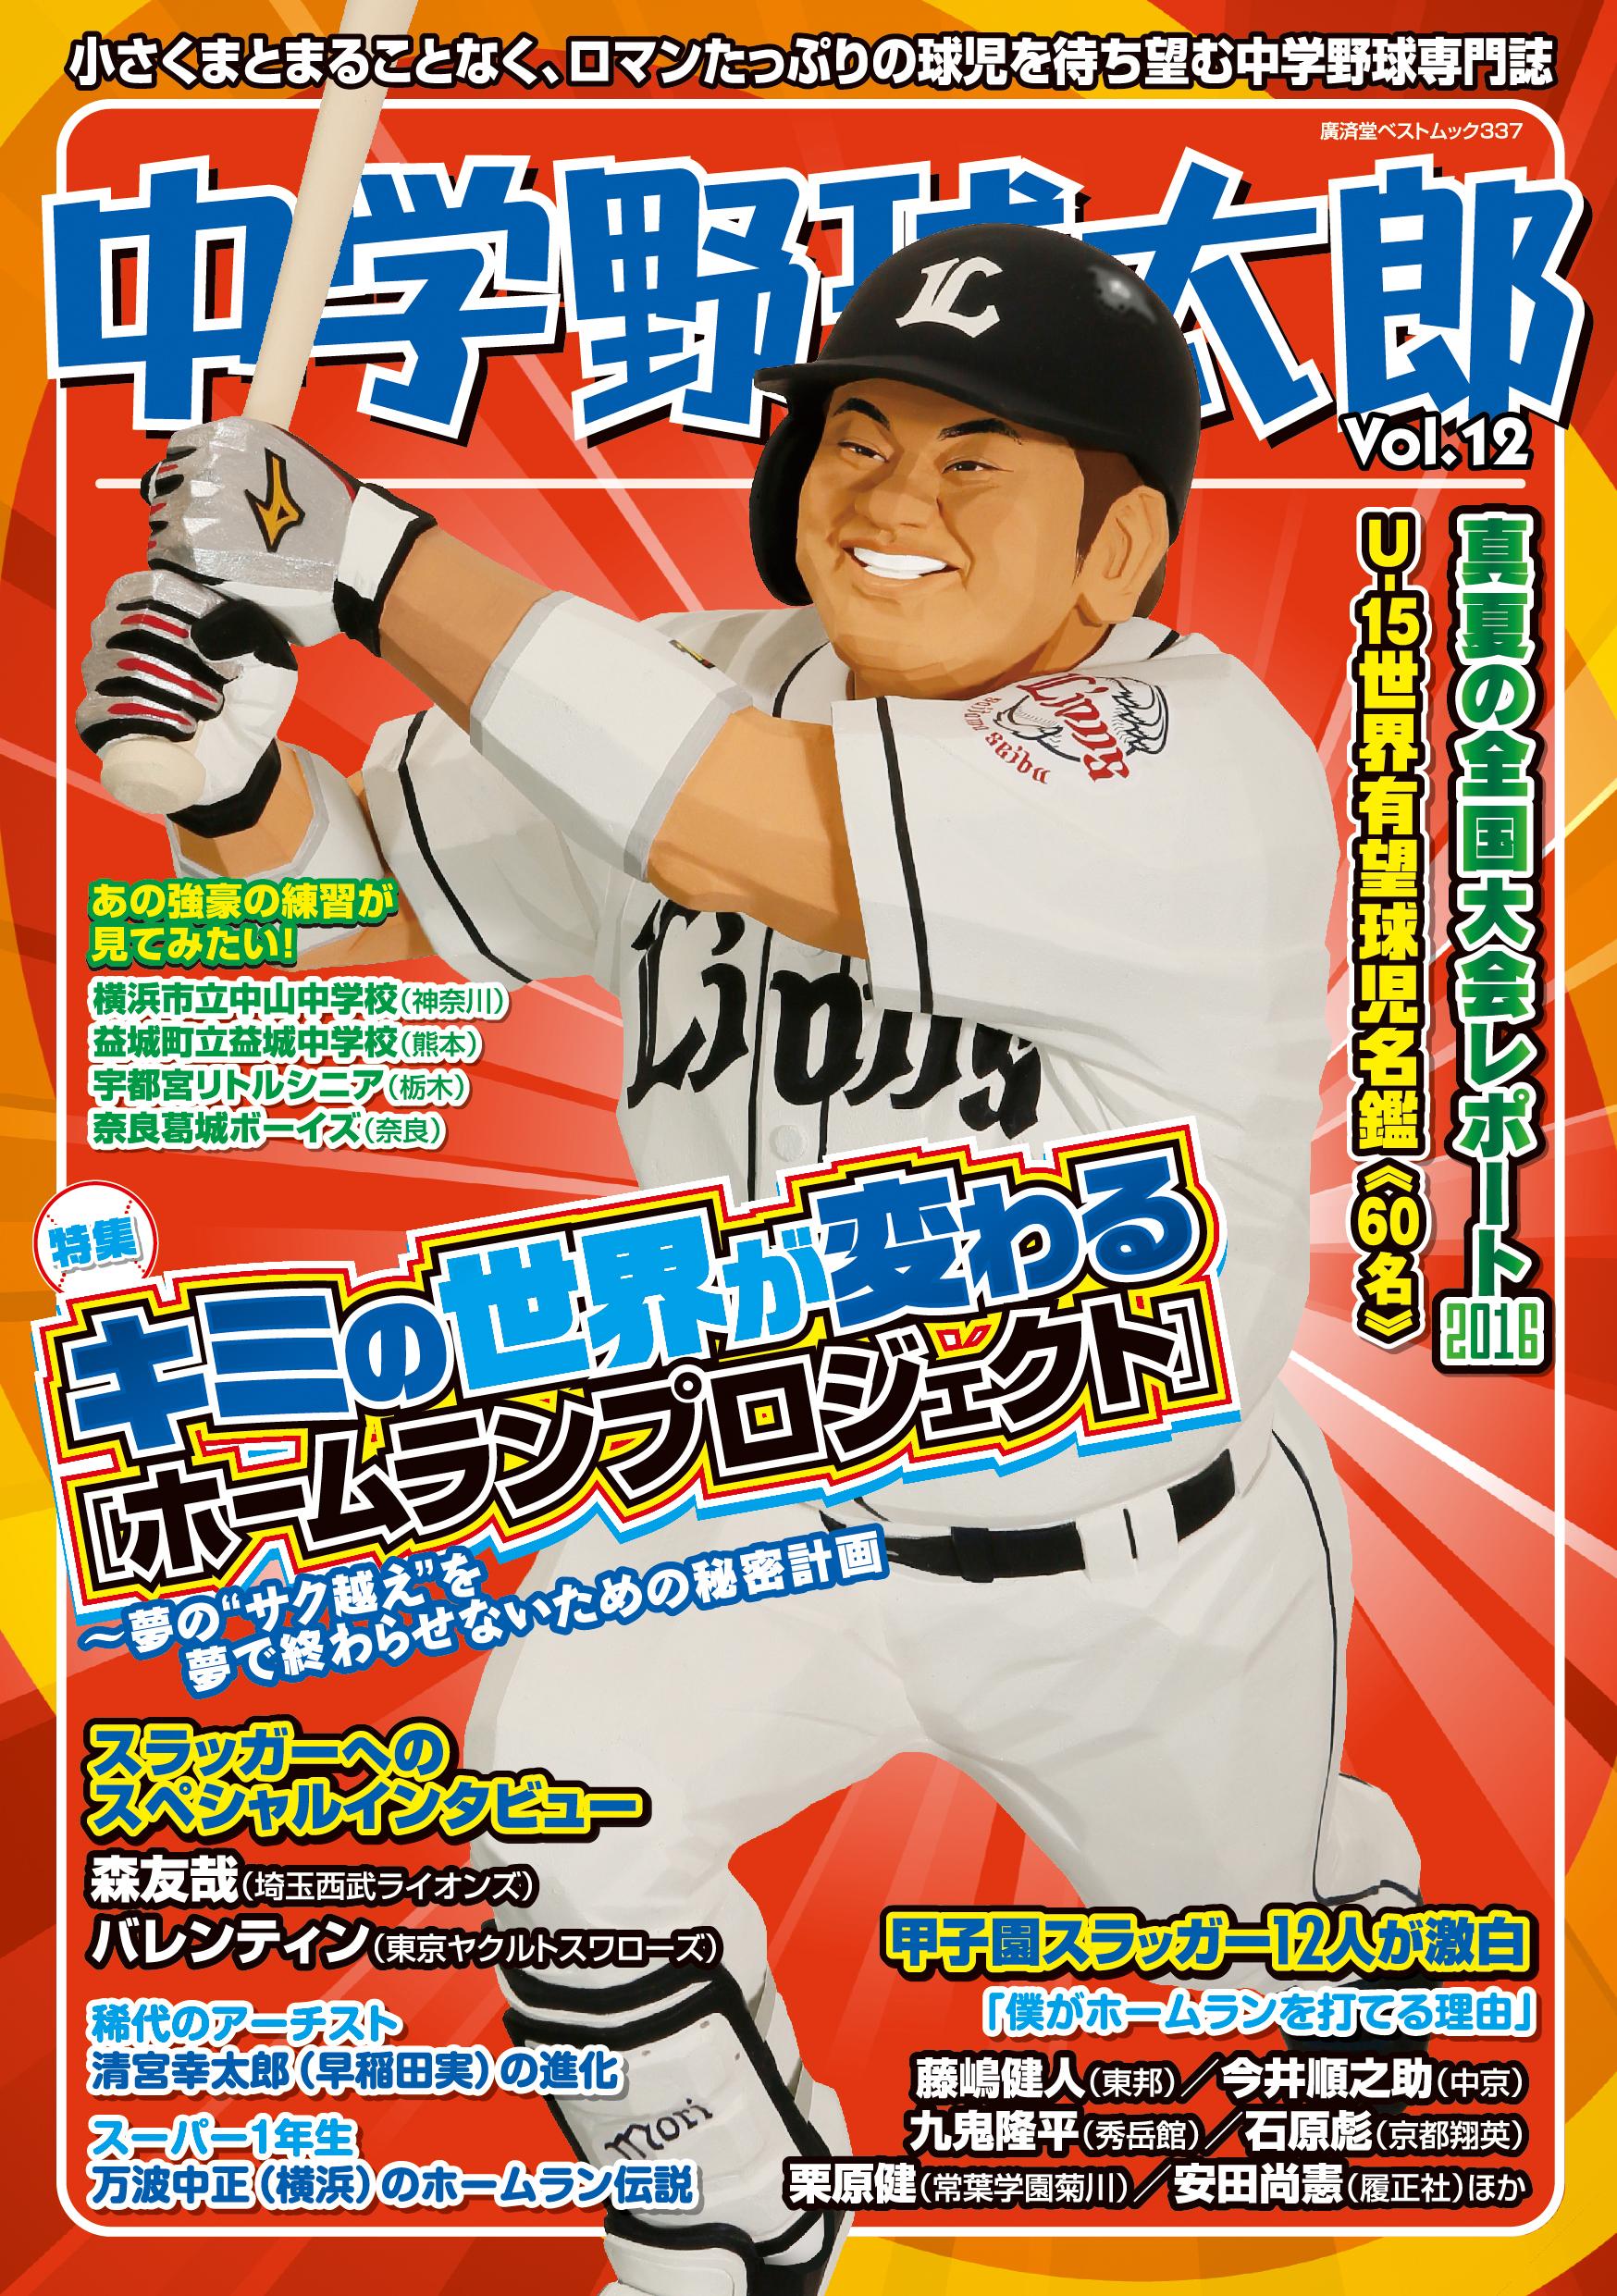 『中学野球太郎Vol.12 キミの世界が変わるホームランプロジェクト』は発売中です!